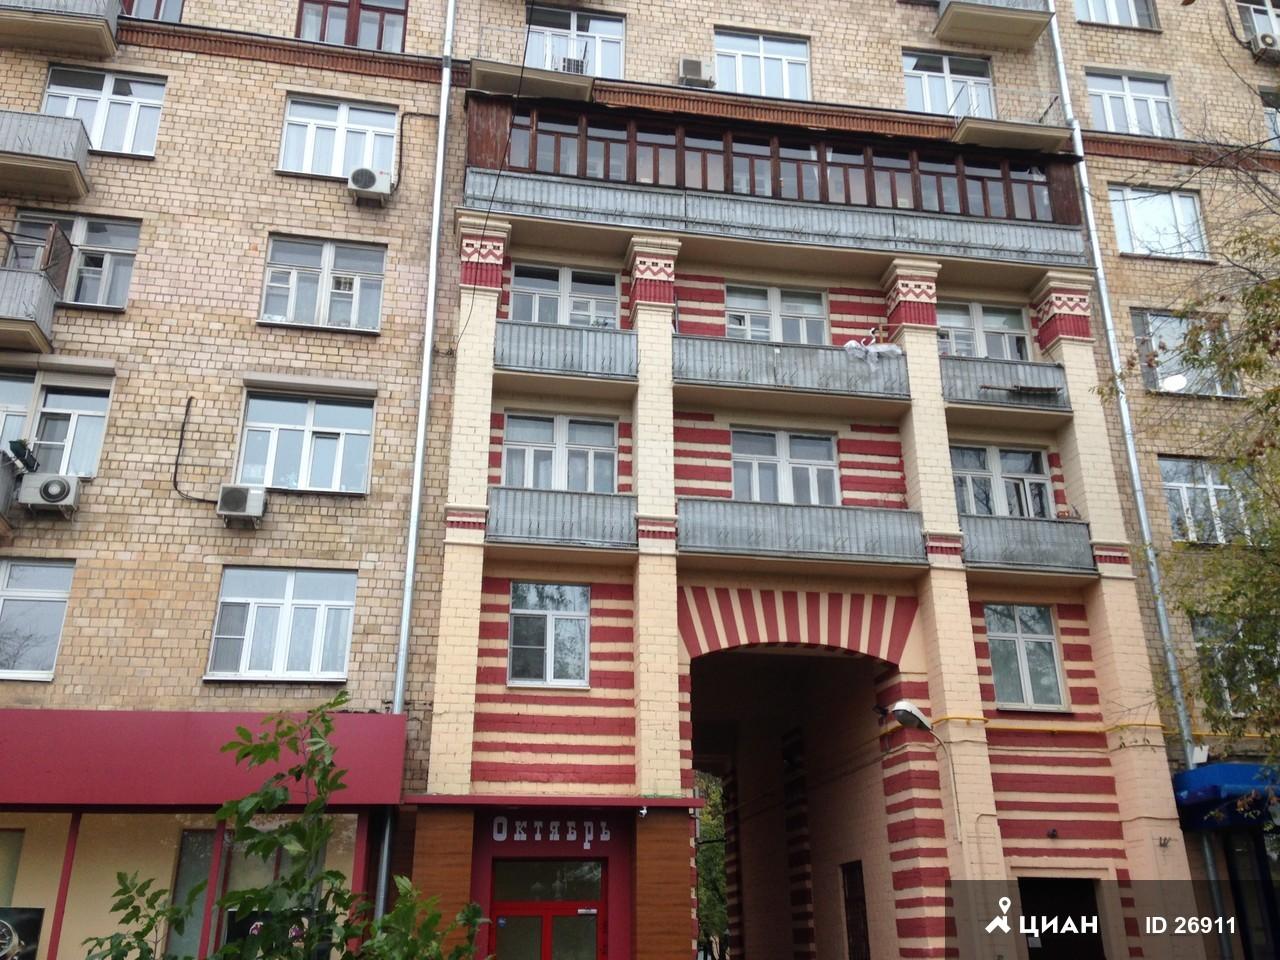 kvartira-moskva-frunzenskaya-naberezhnaya-169209899-1